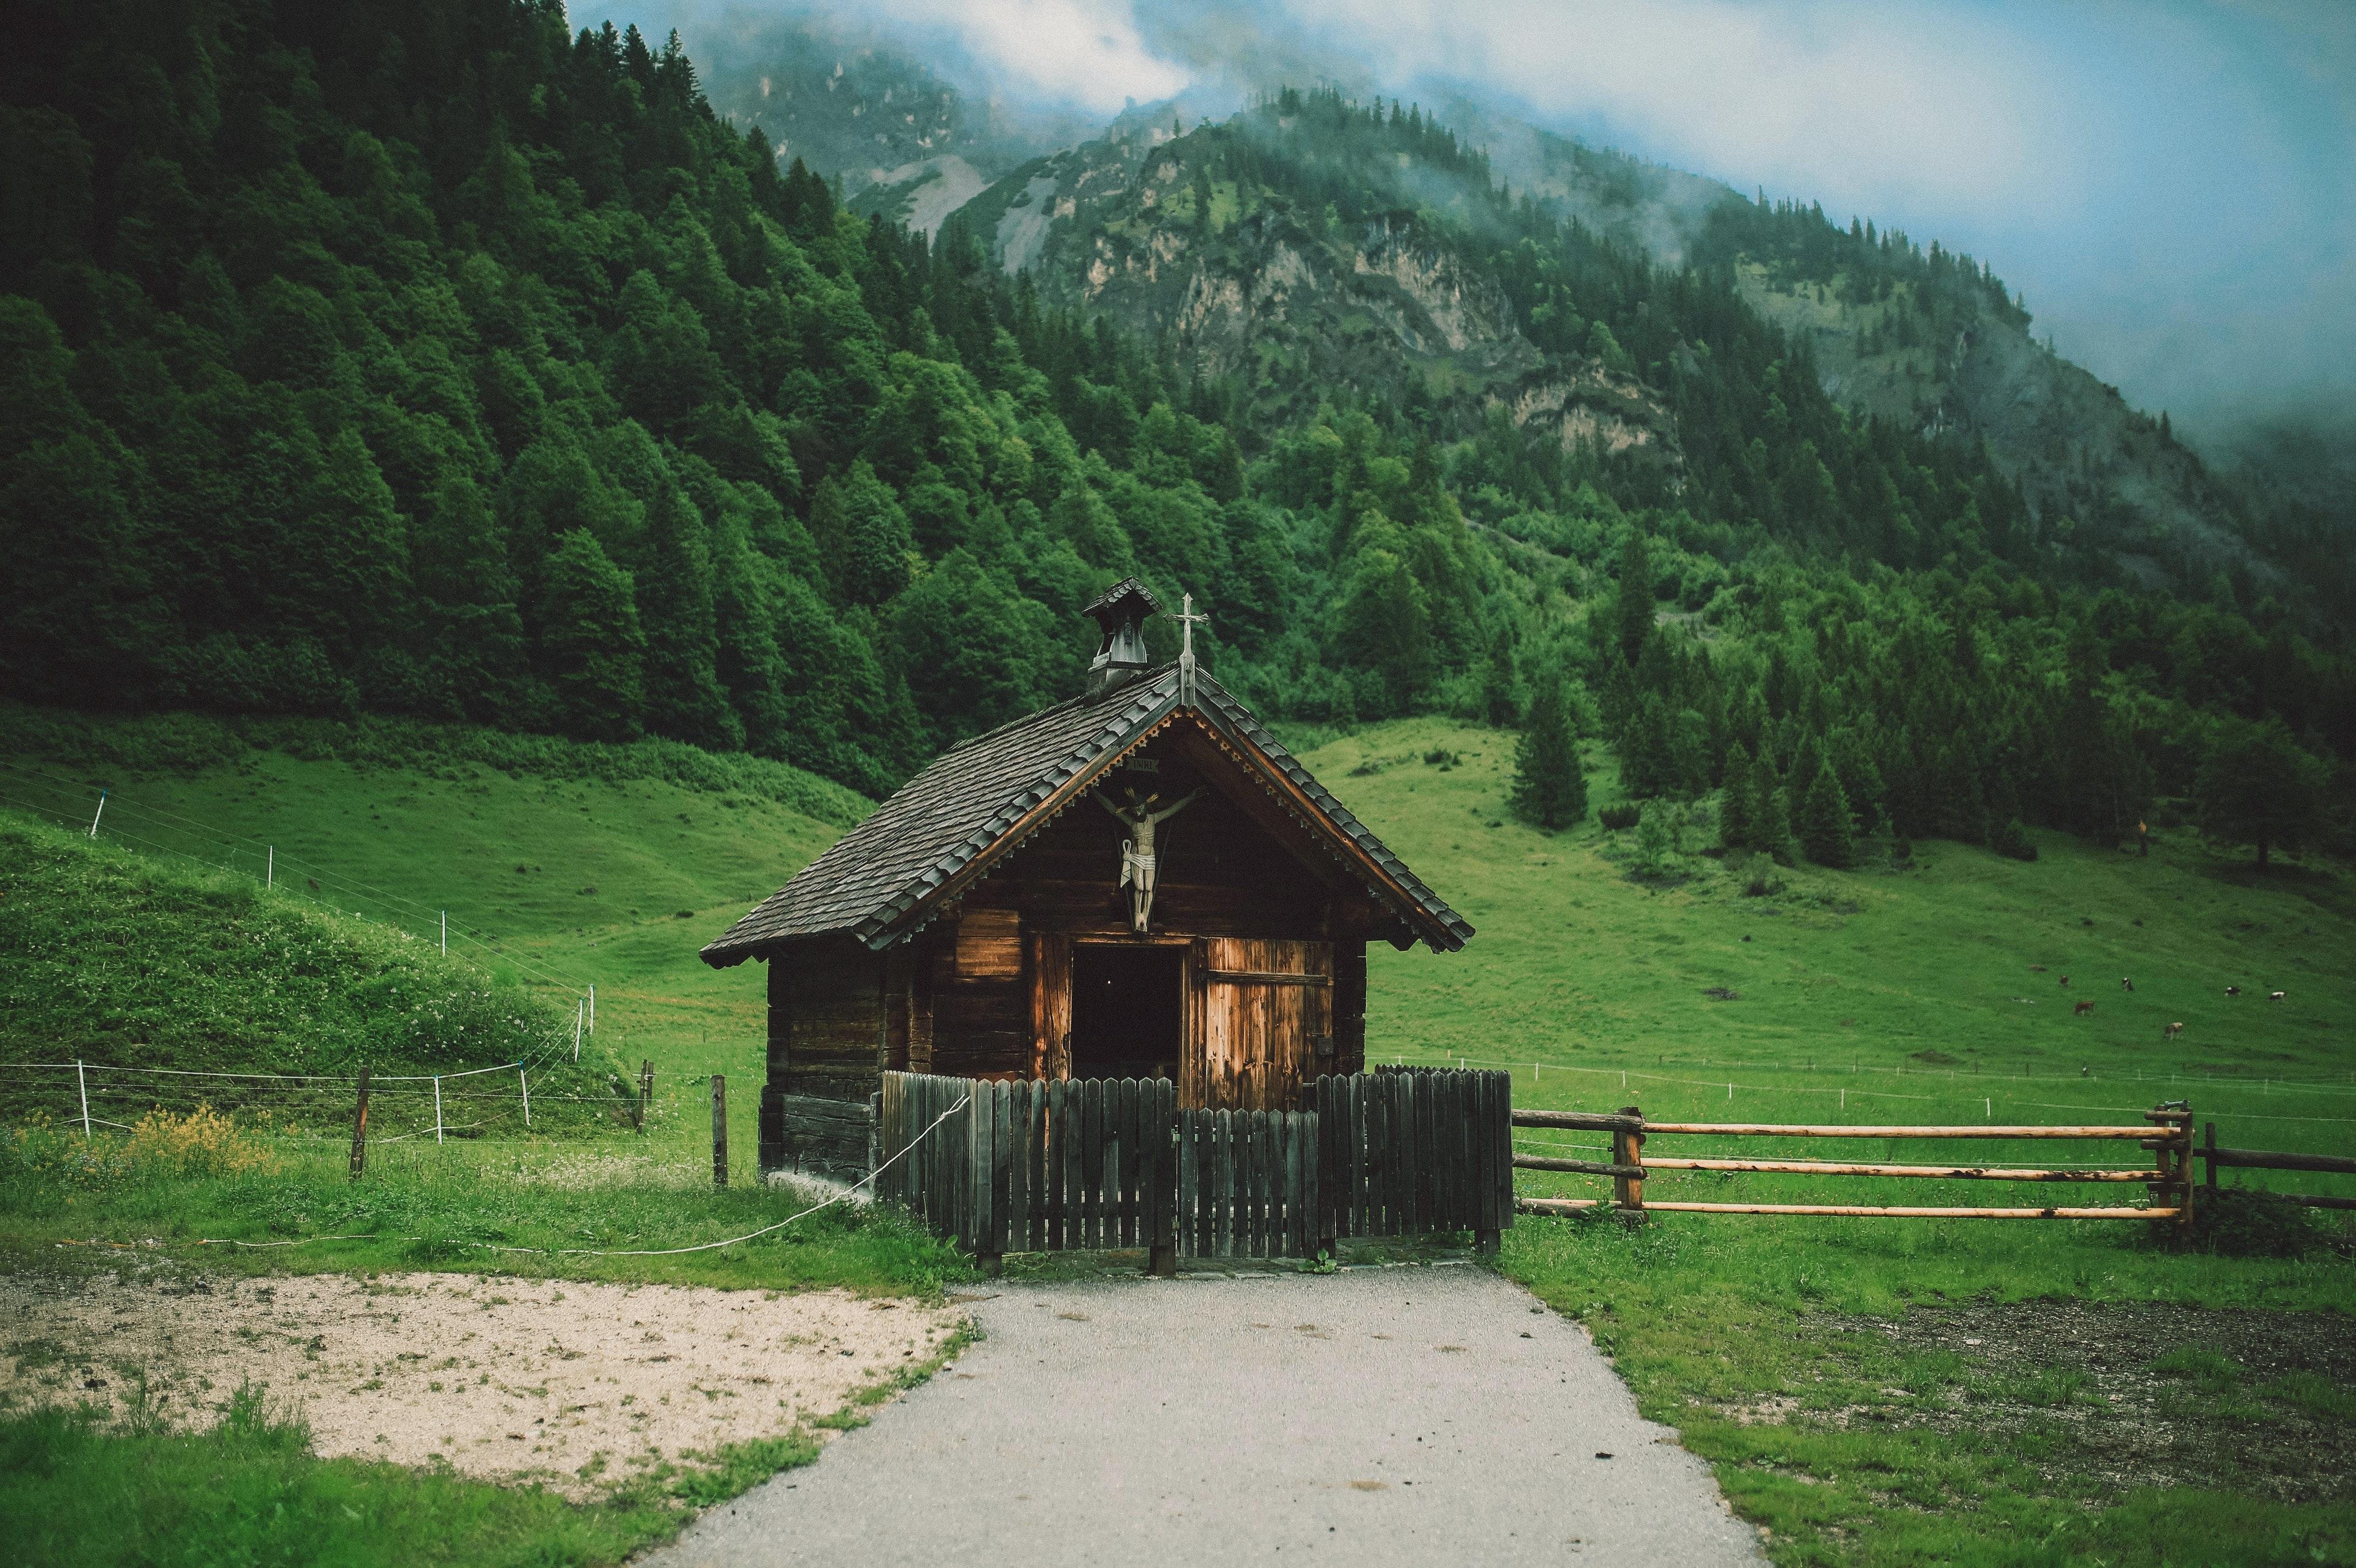 hut photos pexels free stock photos